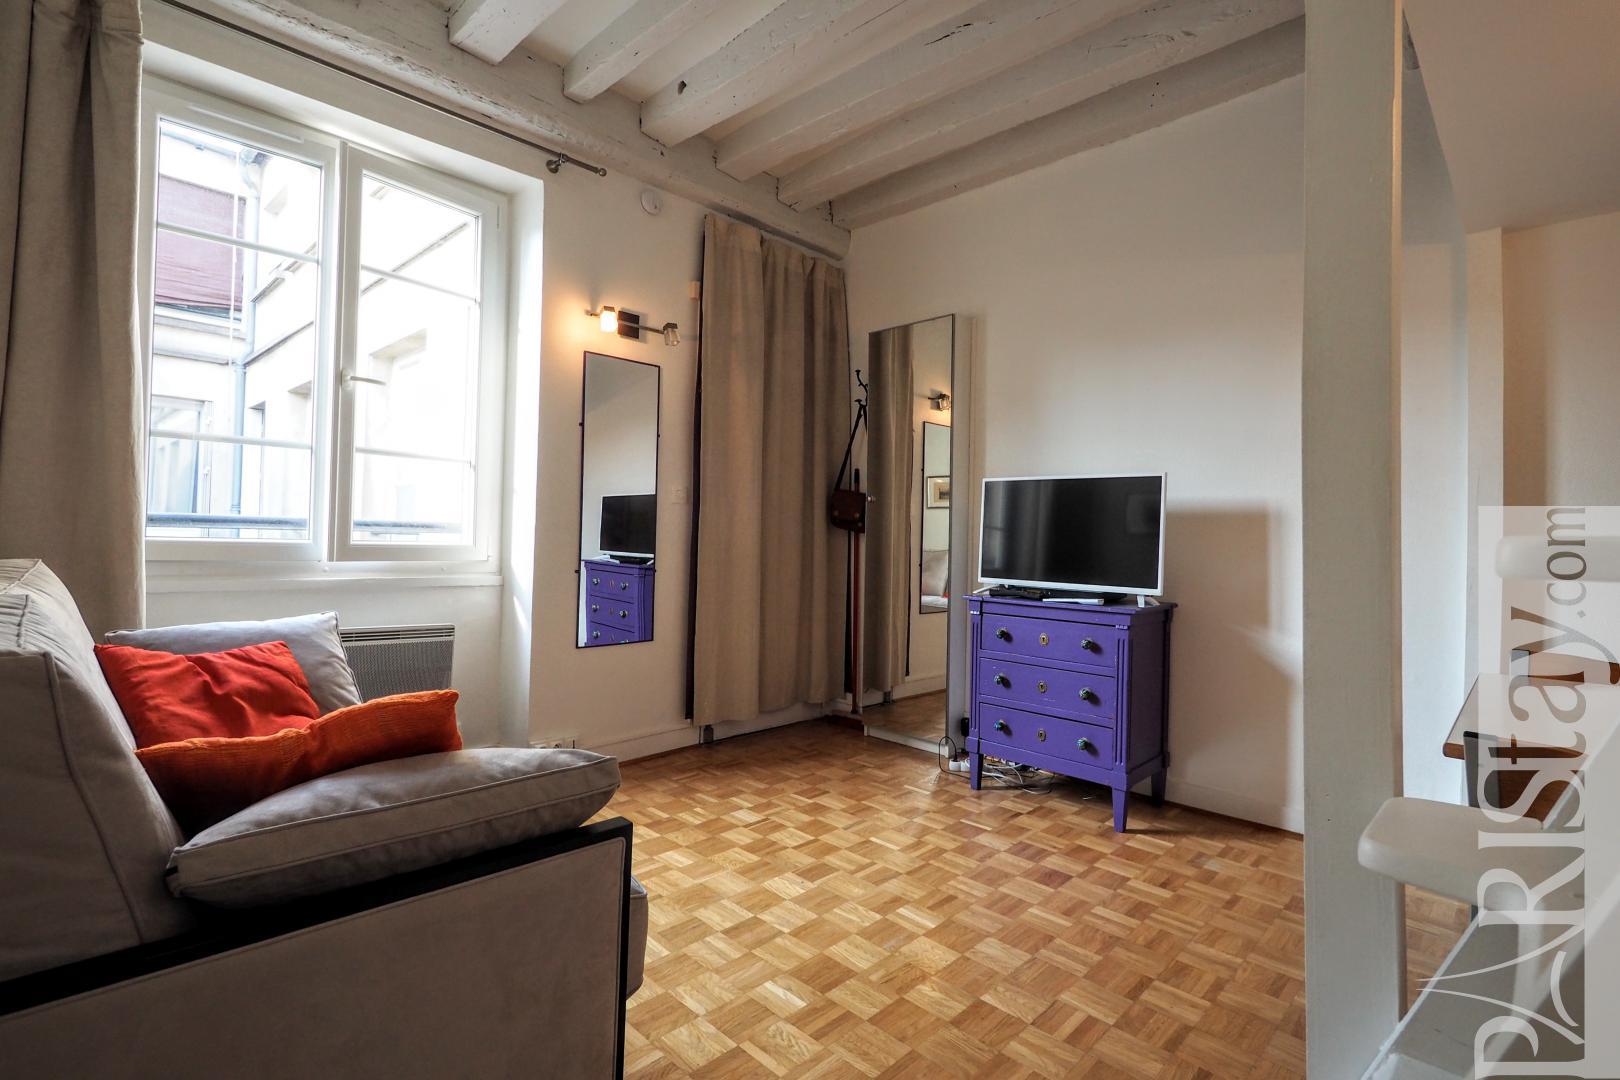 Flat for rent Paris France studio rental le Marais